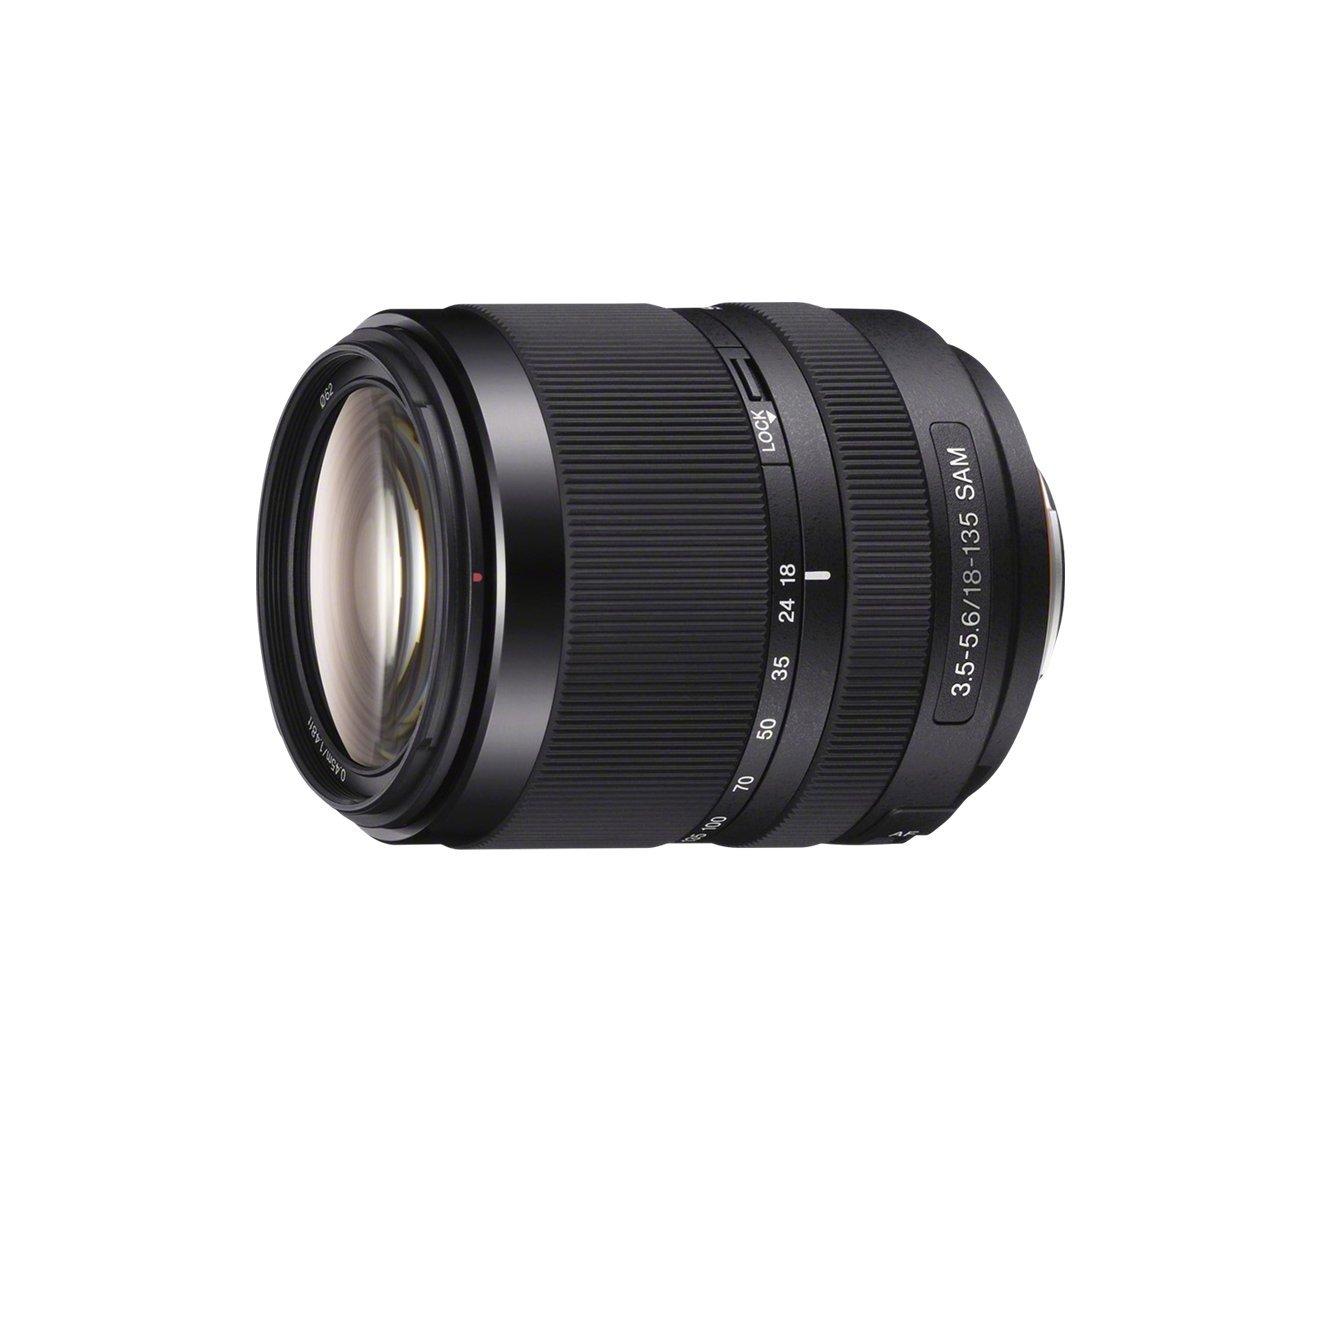 Sony SAL Objetivo para Sony distancia focal mm apertura f  zoom